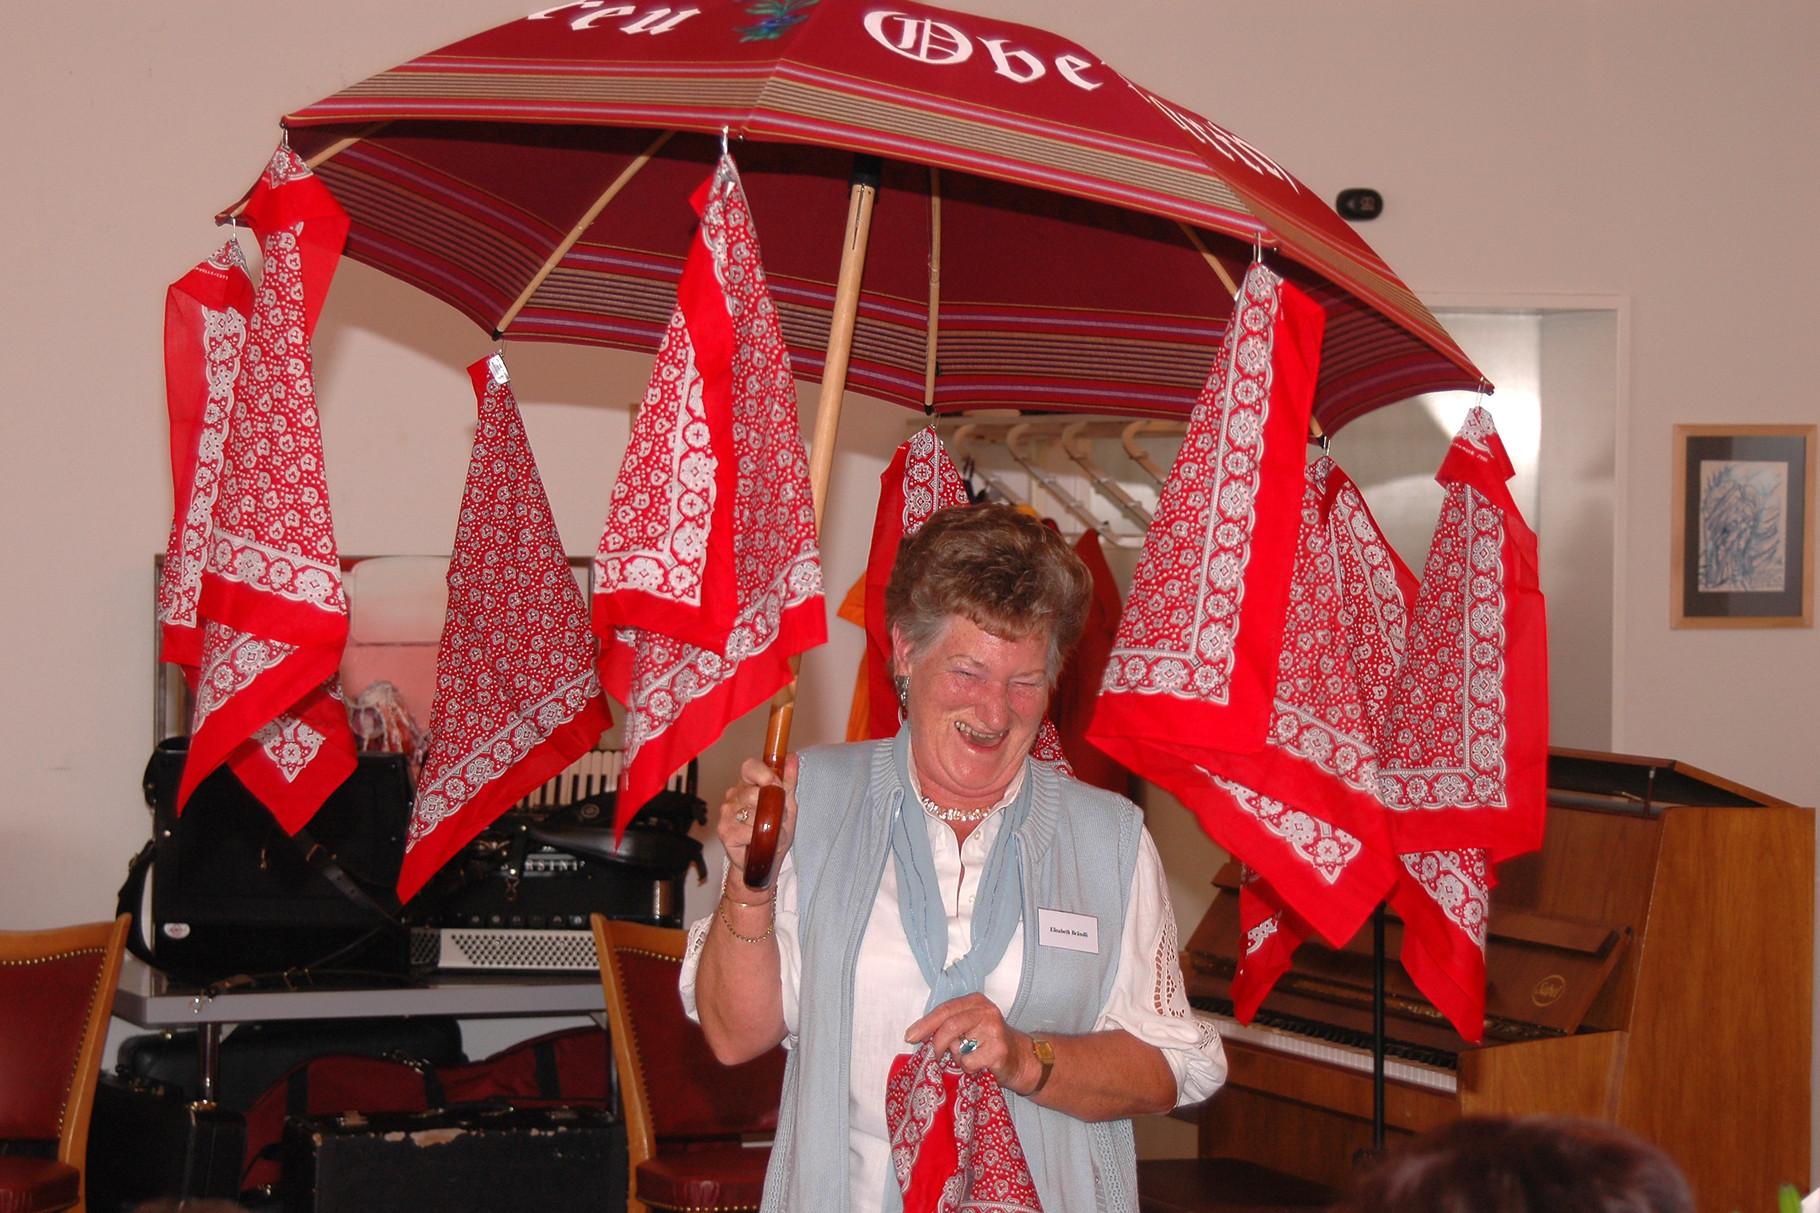 Freimitglied Liesbeth Brändli überrascht den Verein mit einem neuen Klub-Schirm